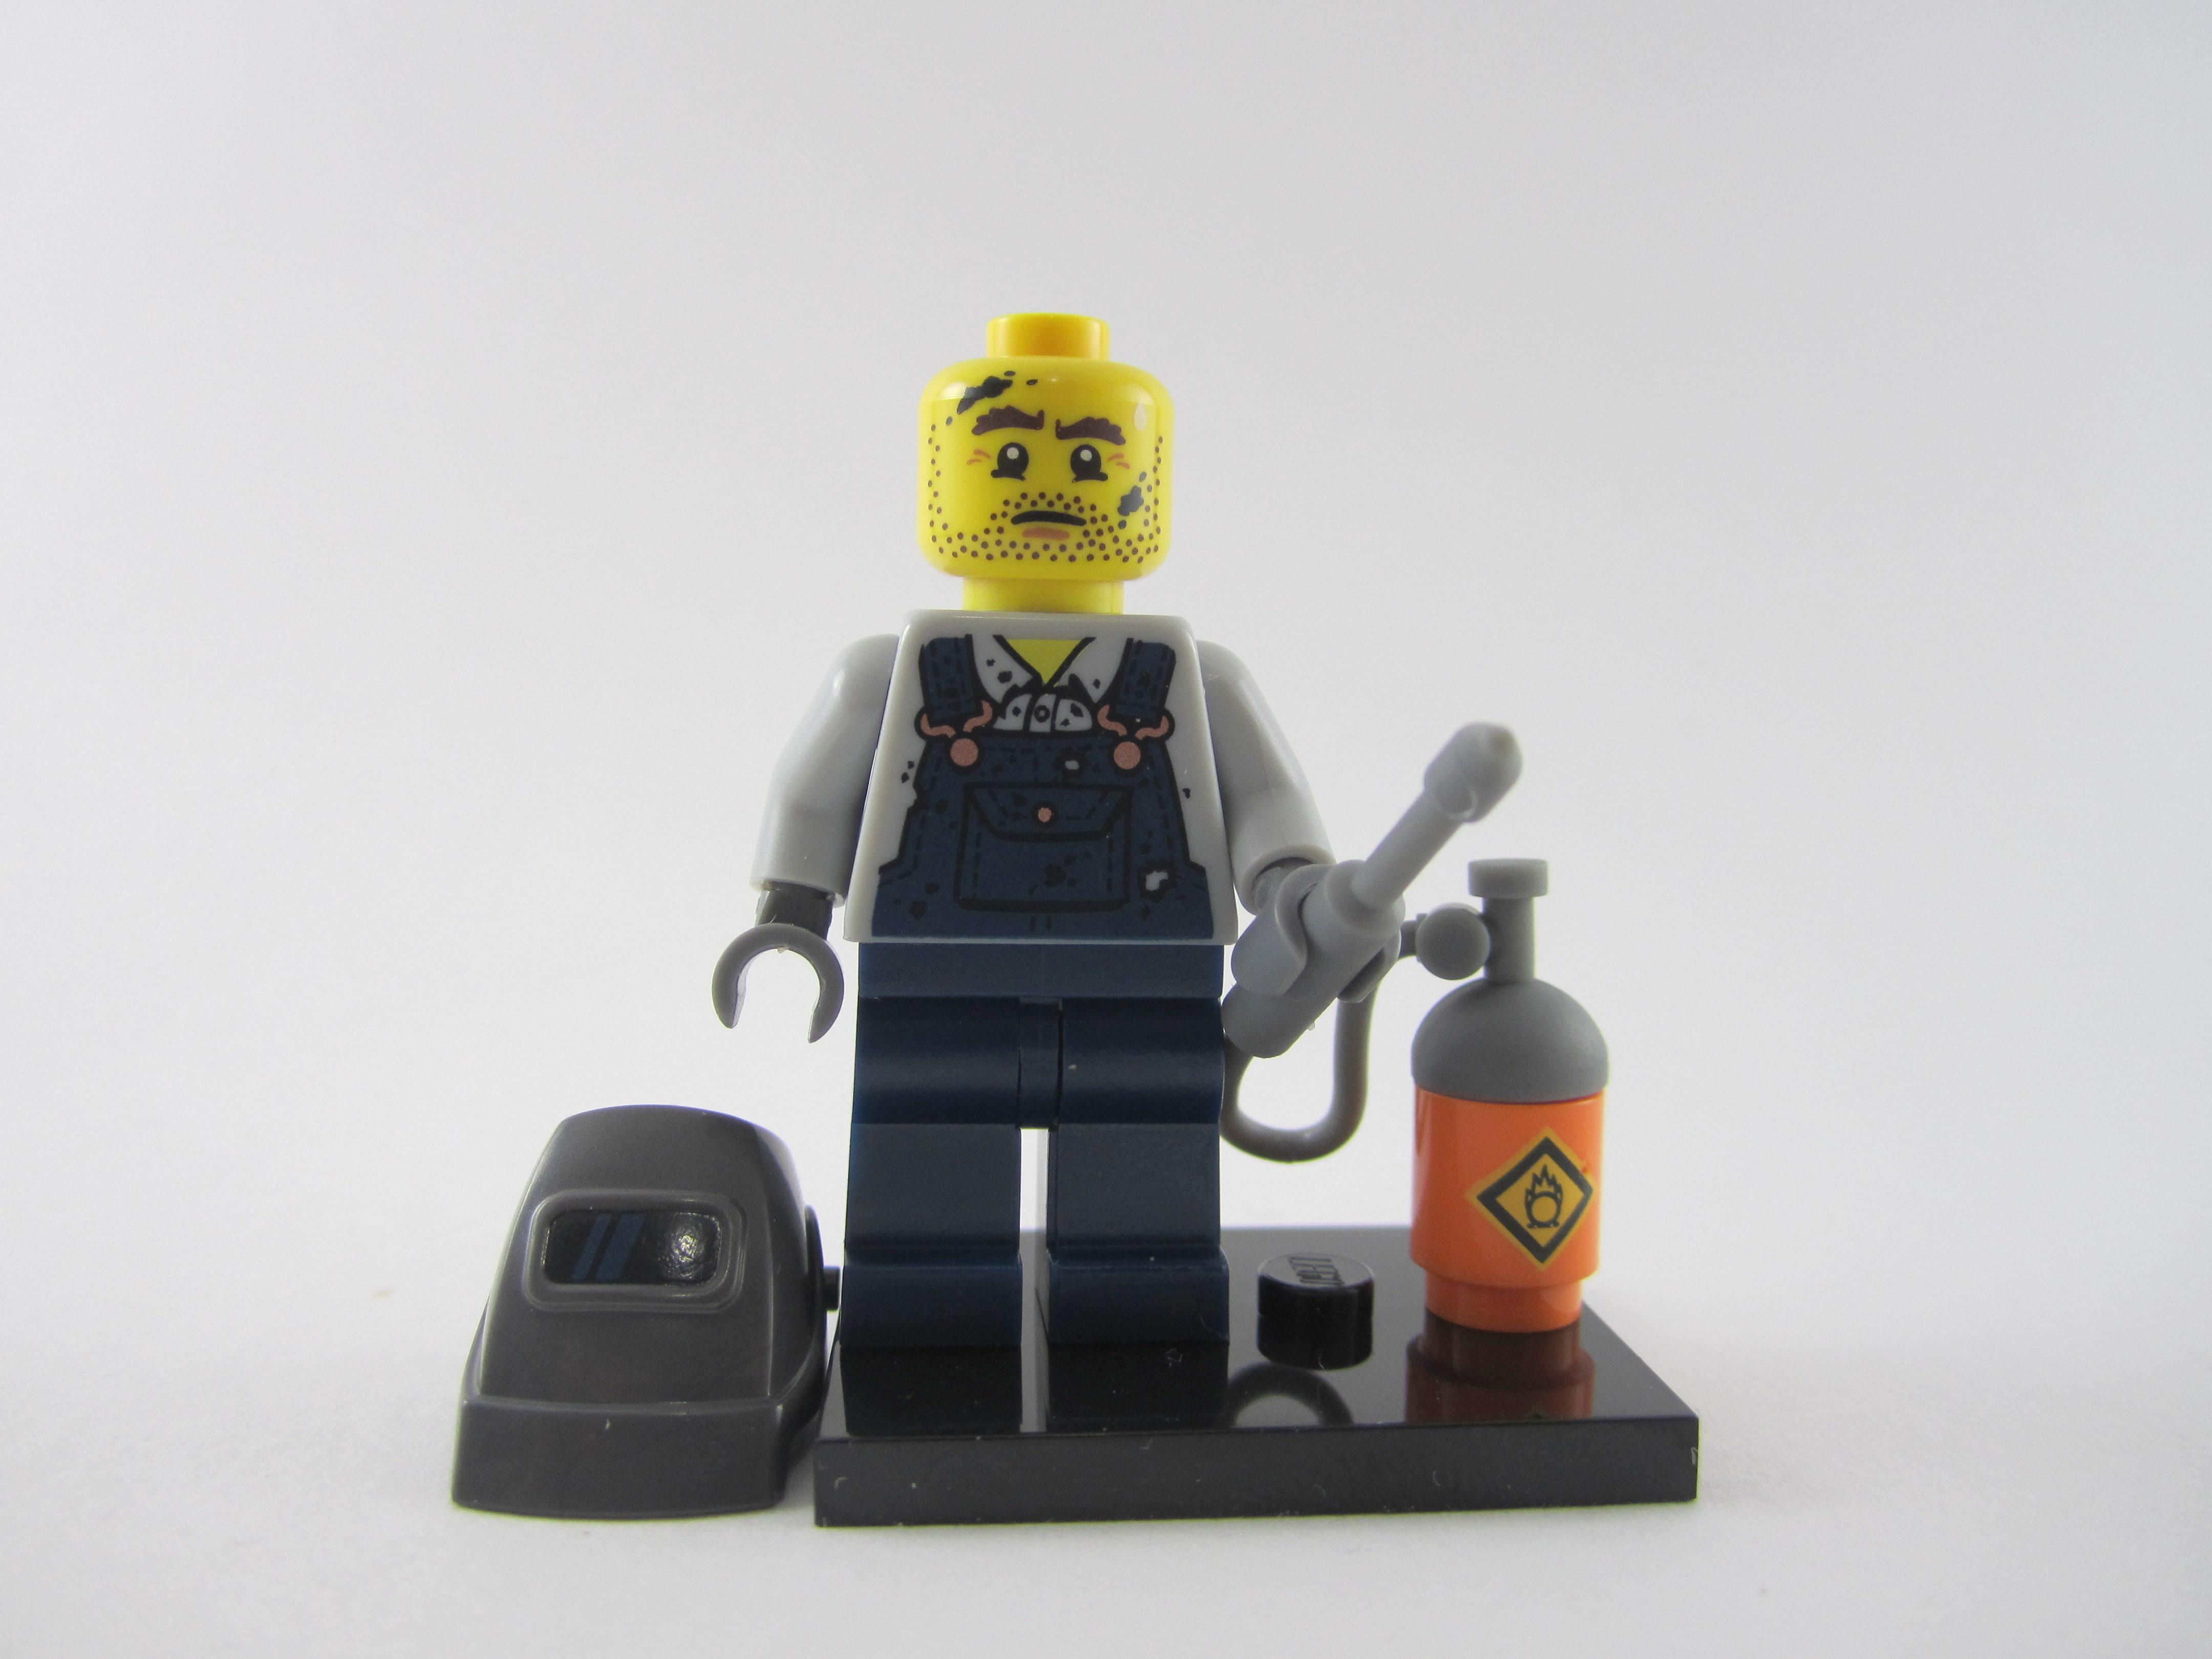 Как сделать свою минифигурку лего